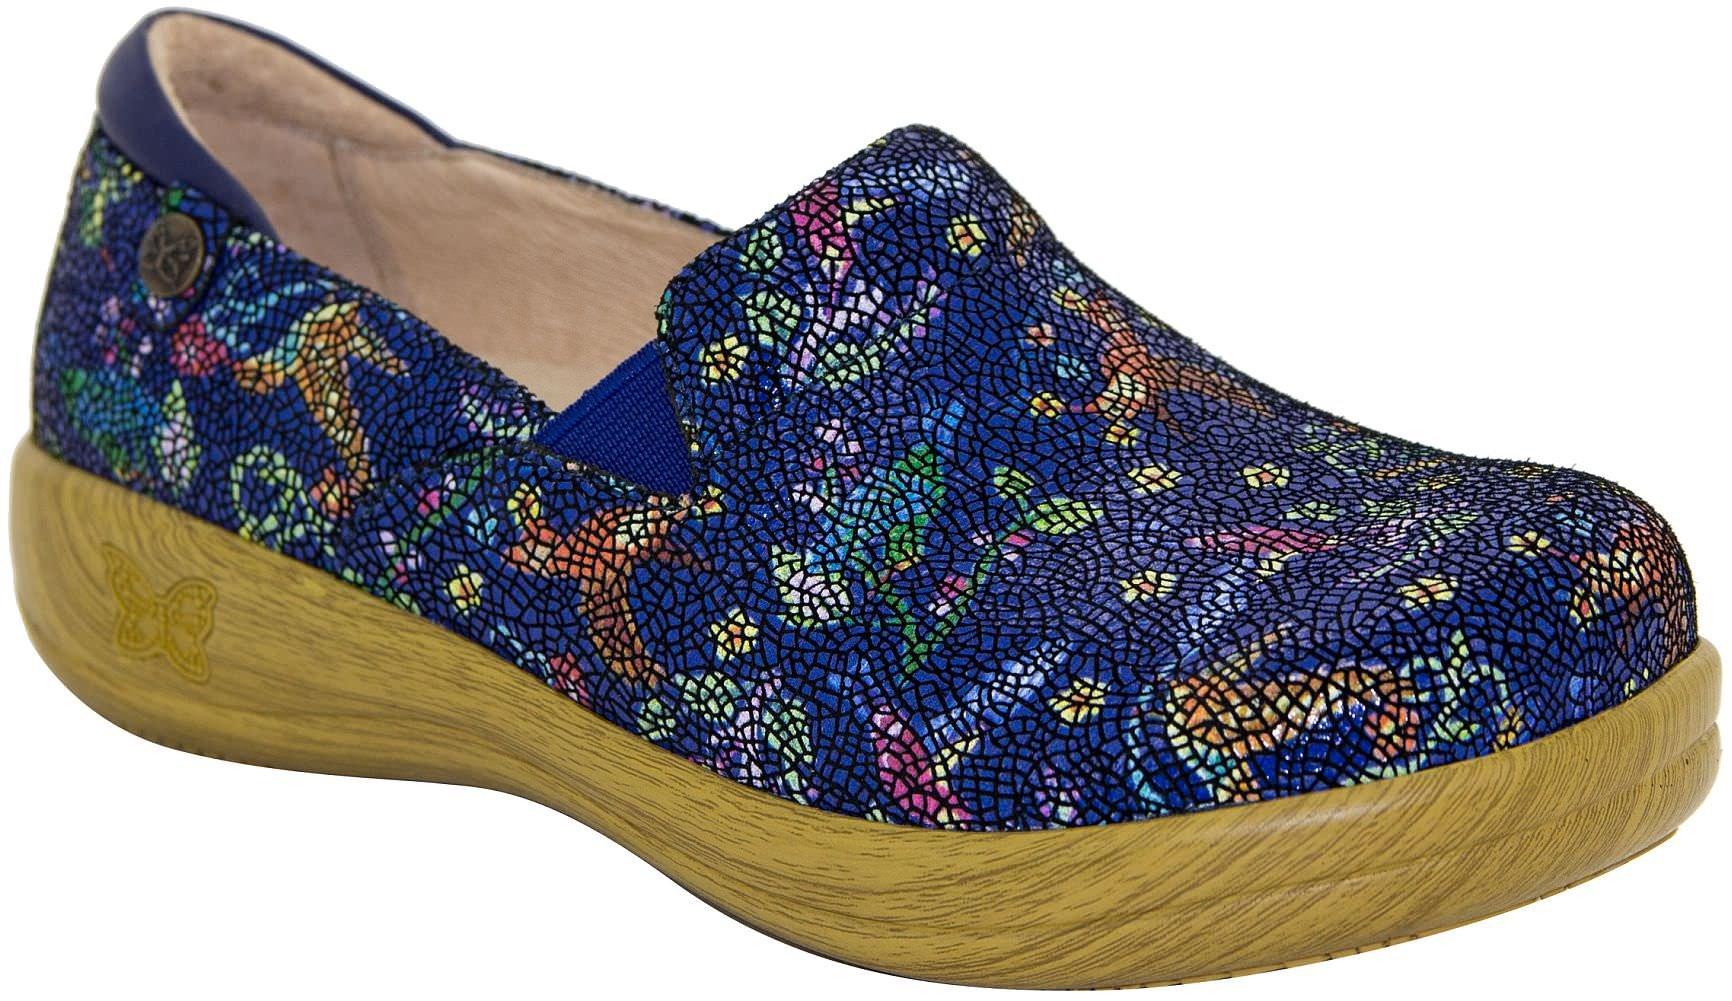 Alegria Womens Keli Professional Shoe, Birdland, Size 37 W EU (7-7.5 M US Women)